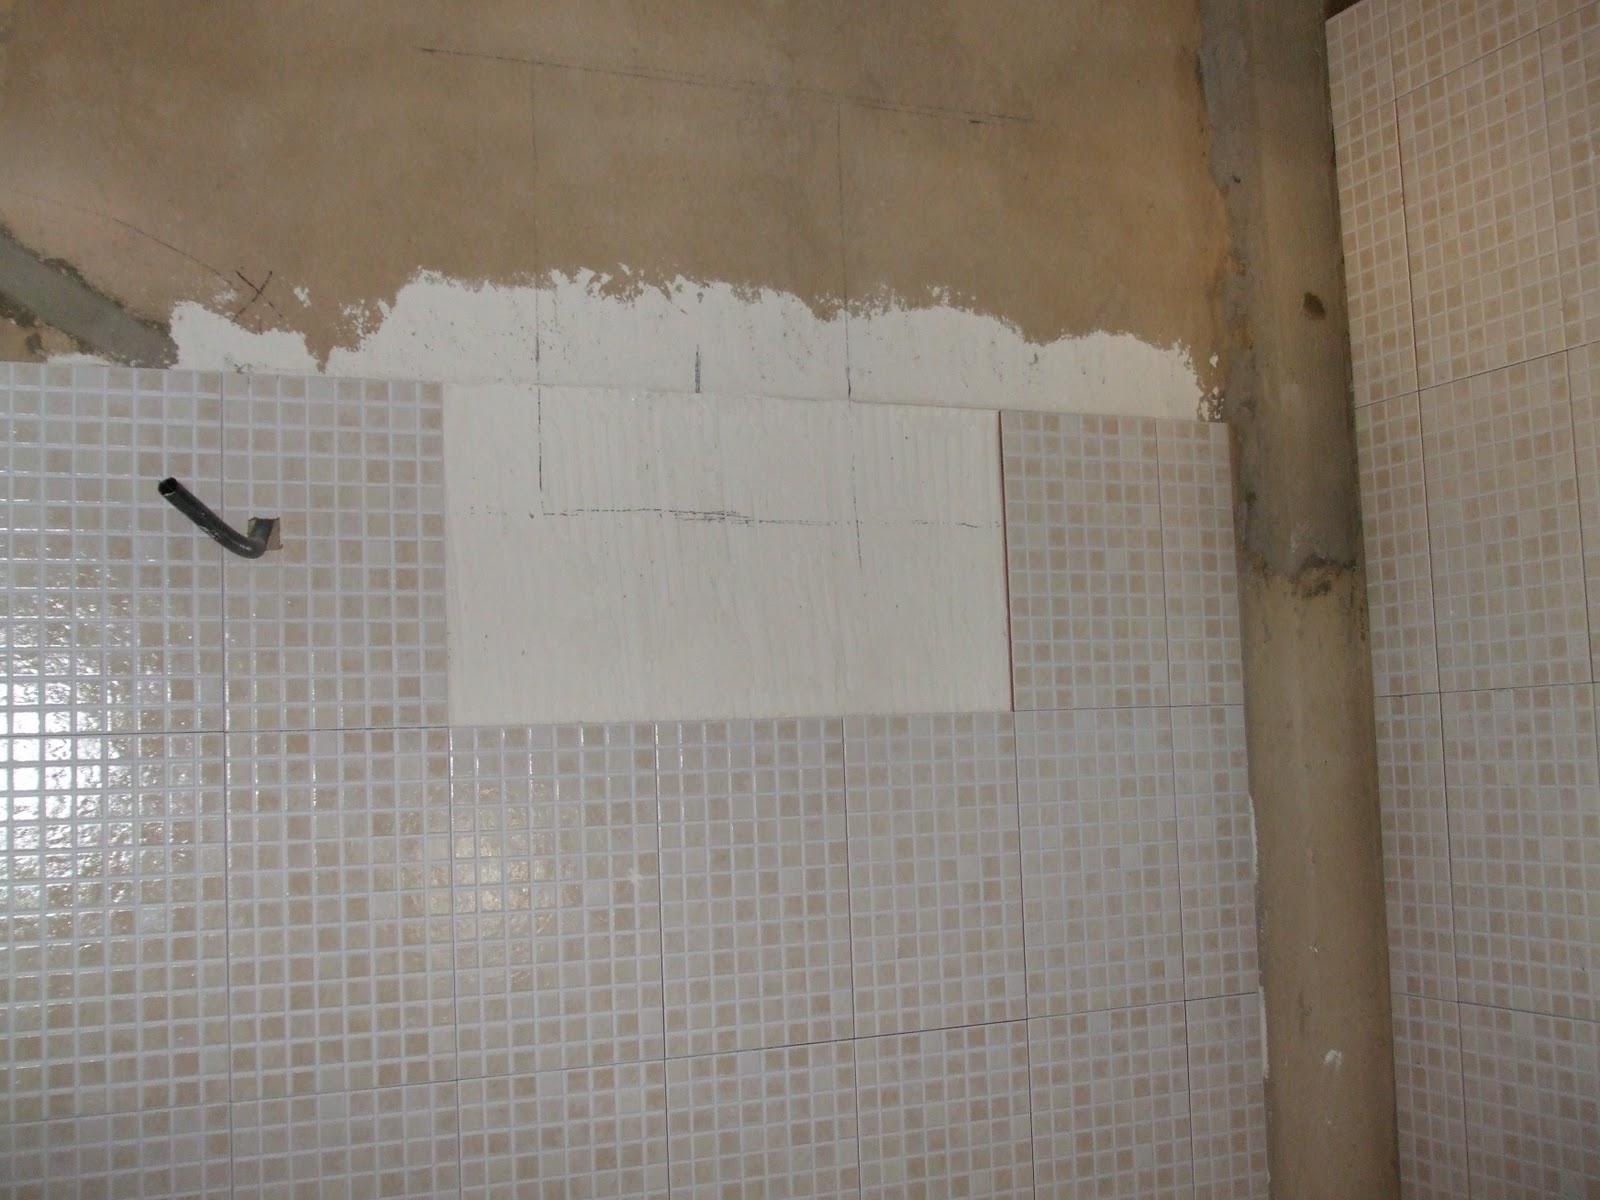 Azulejos Para Baño De Cuadritos:Al fondo de la imagen podemos ver el pequeño edificio que alberga los